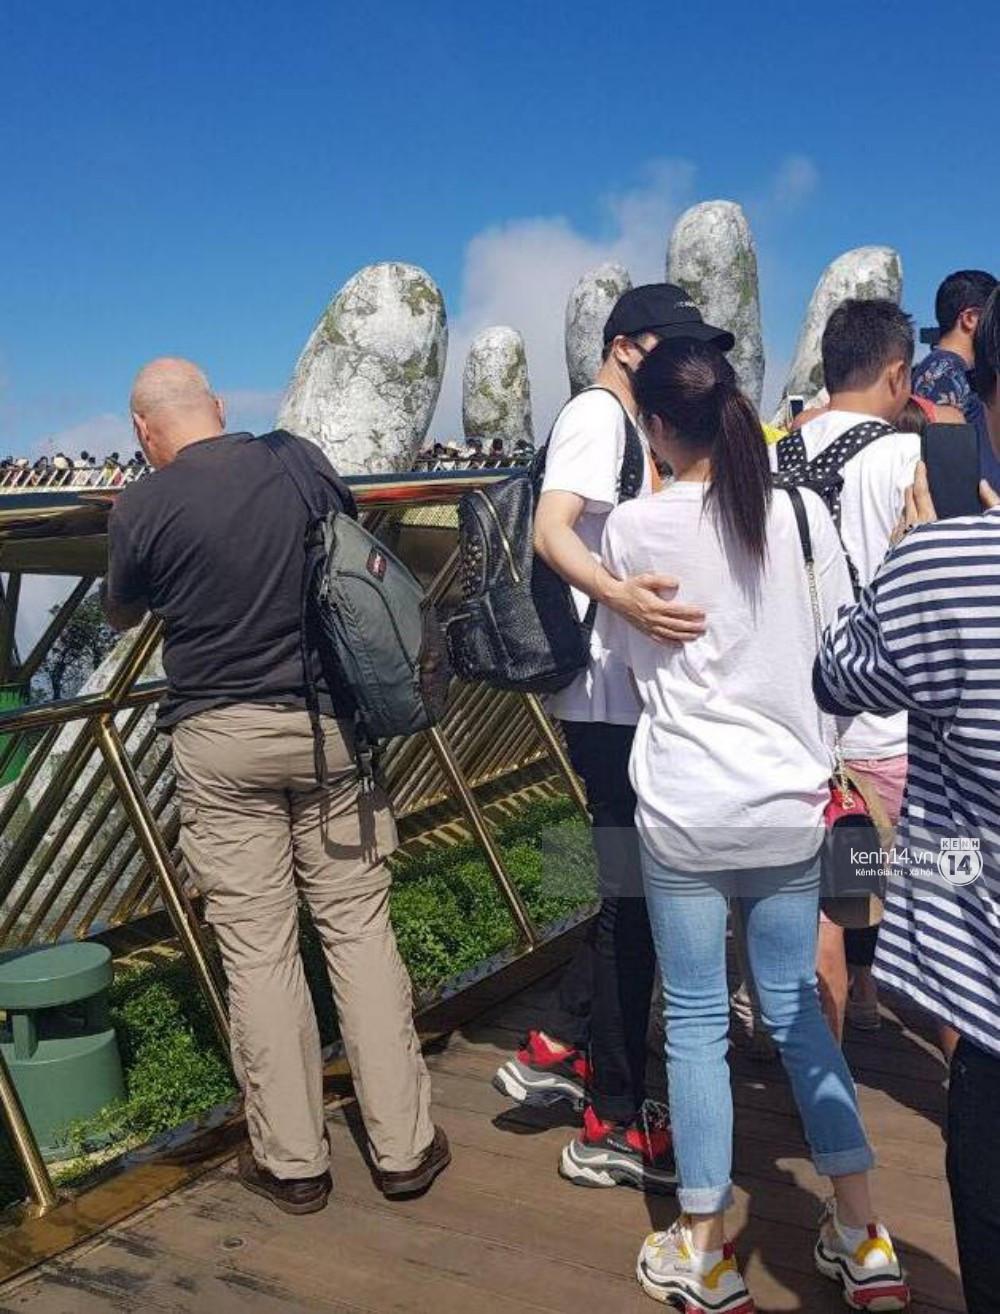 Rò rỉ hình ảnh được cho là Trịnh Thăng Bình đi giày đôi, tình tứ bên Liz Kim Cương tại Đà Nẵng